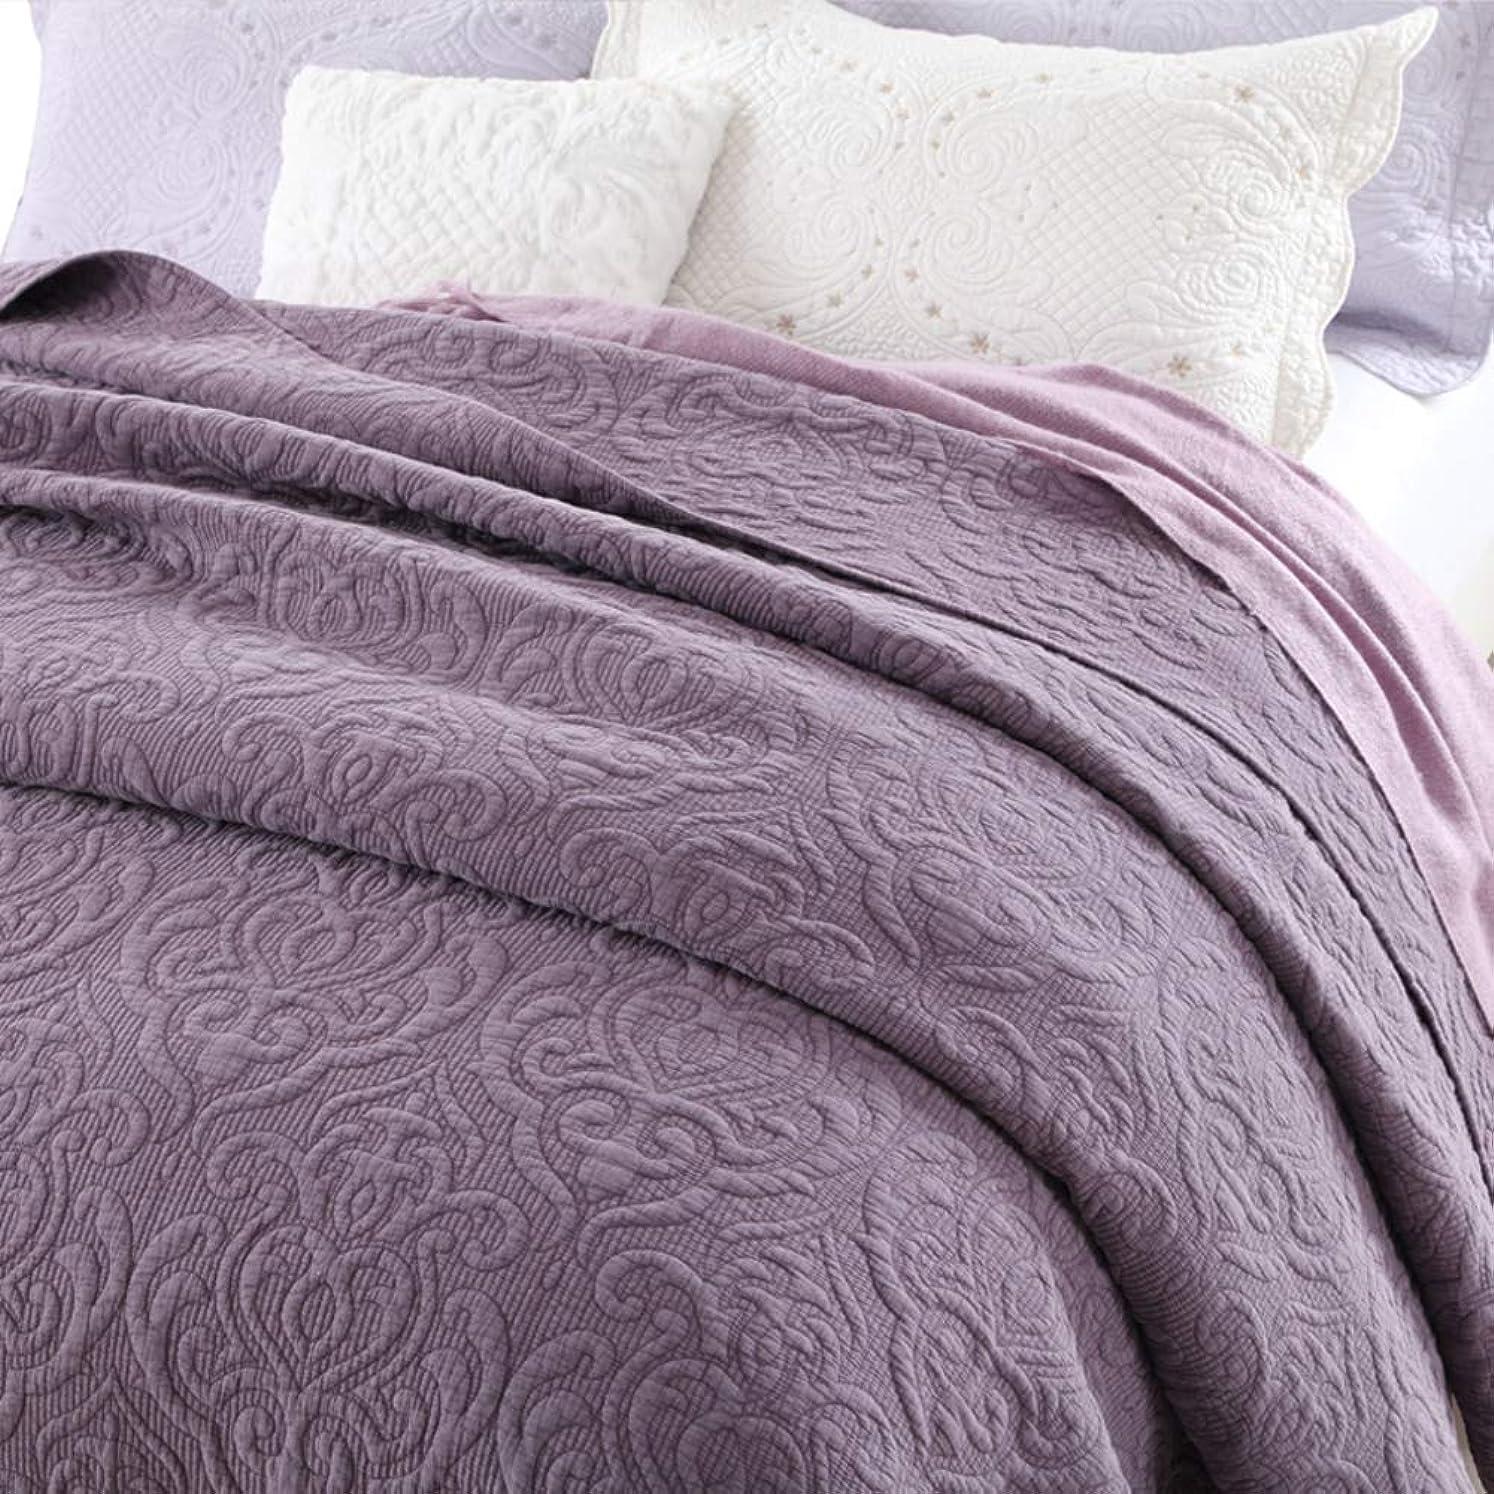 近傍補体阻害するアメリカ 単色 ベッド, 砂 洗っ キルティング 掛け布団 夏の涼しい エアコン ベッド カバー 綿 ベッド マットレス-a 230x250cm